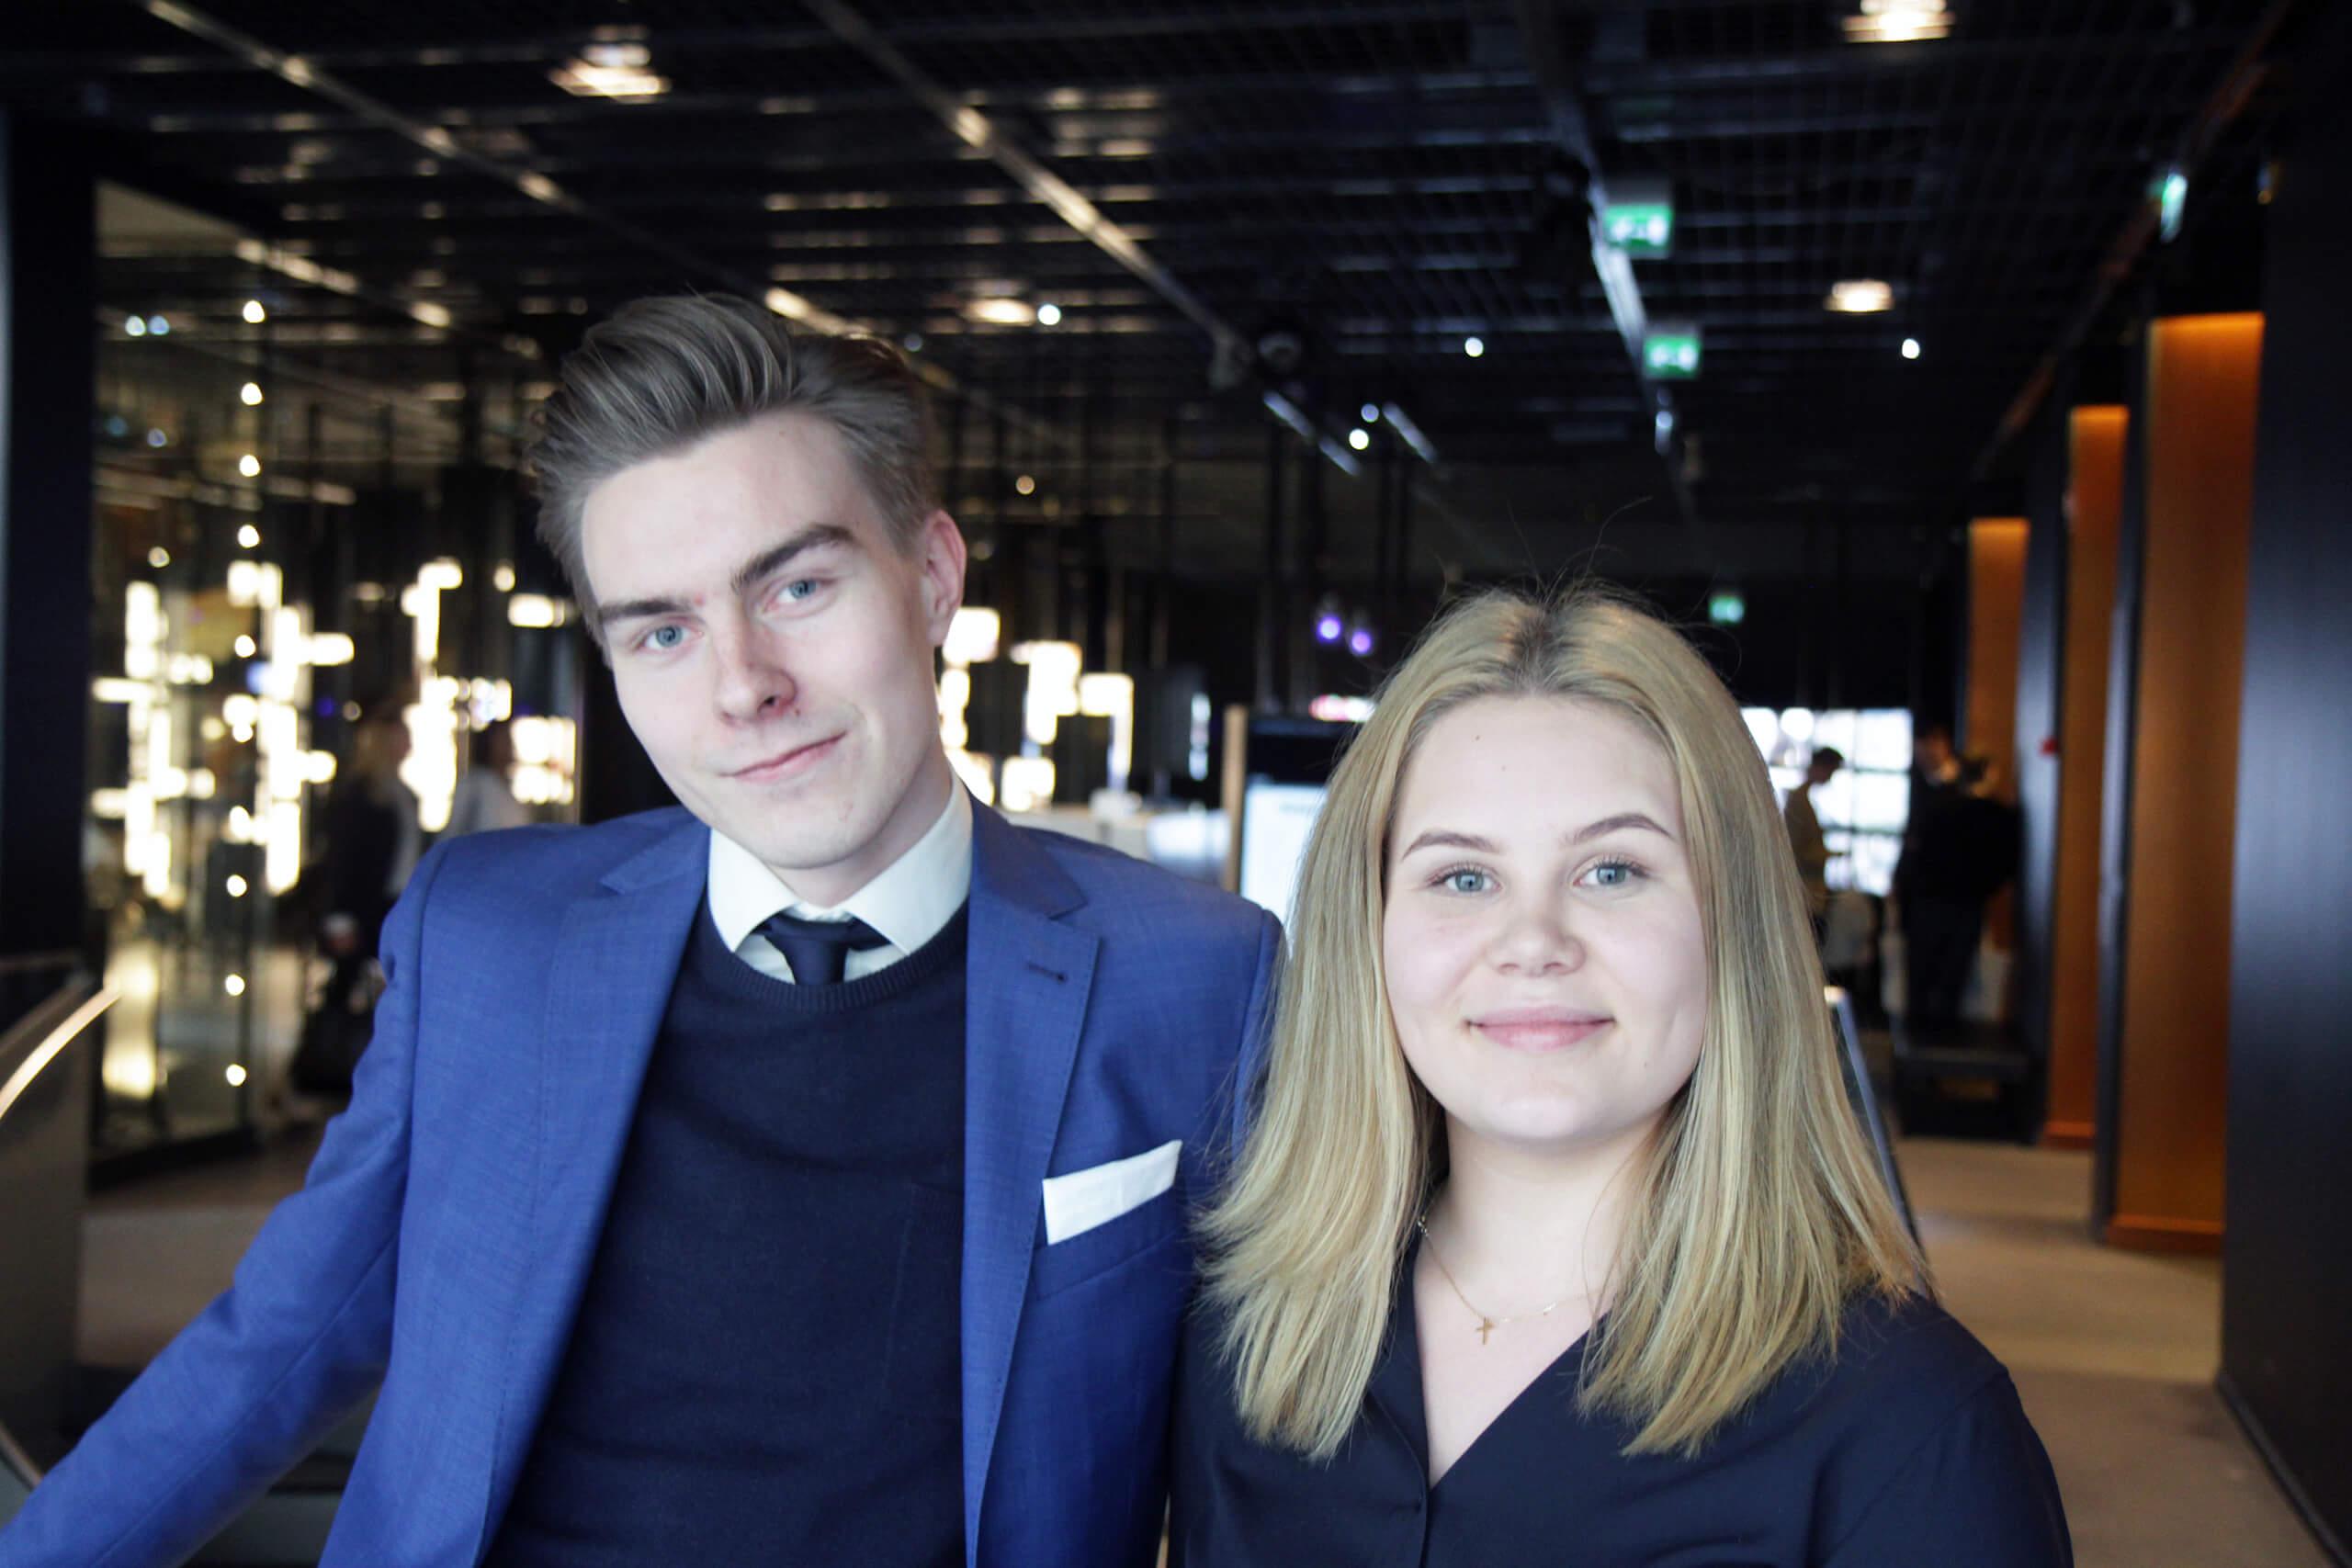 Lauttasaaren yhteiskoulun oppilaiden Olli Härkäsen ja Nea Männyn mukaan mestariluokka oli ainutlaatuinen ja hieno kokemus.